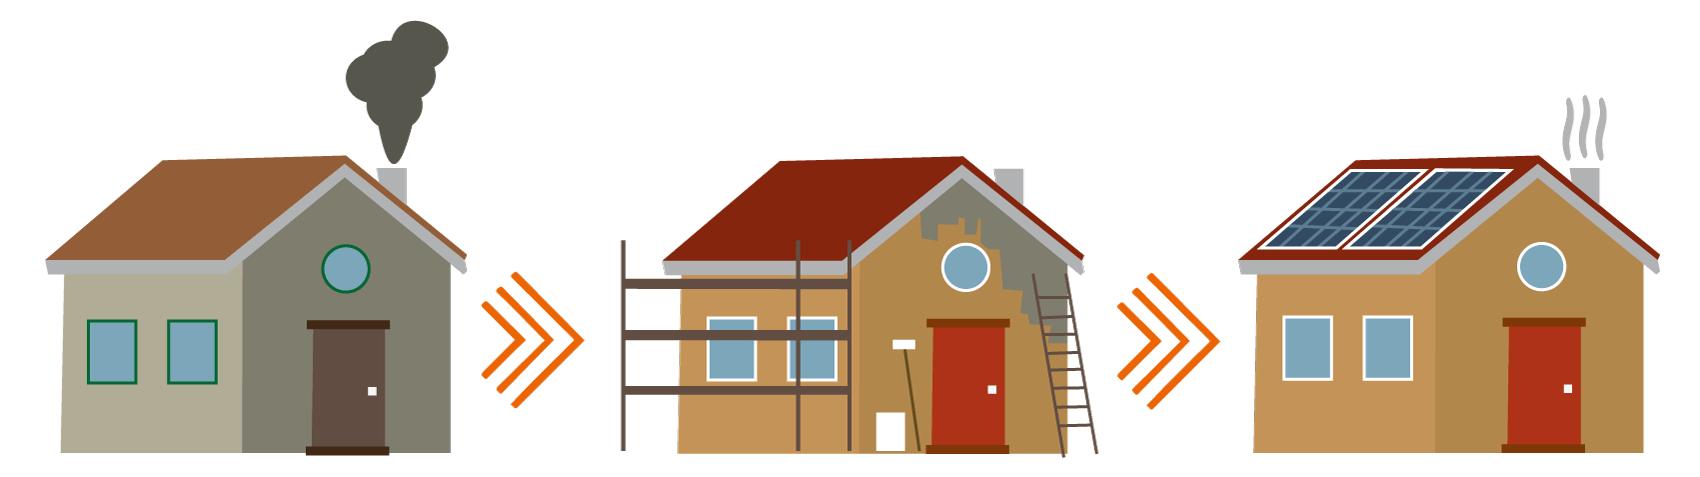 KfW-Förderung-Neubau-&-Sanierung-von-Effizienzhäusern-Energetische-Einzelmaßnahmen-in-Wohngebäuden-Capitalium